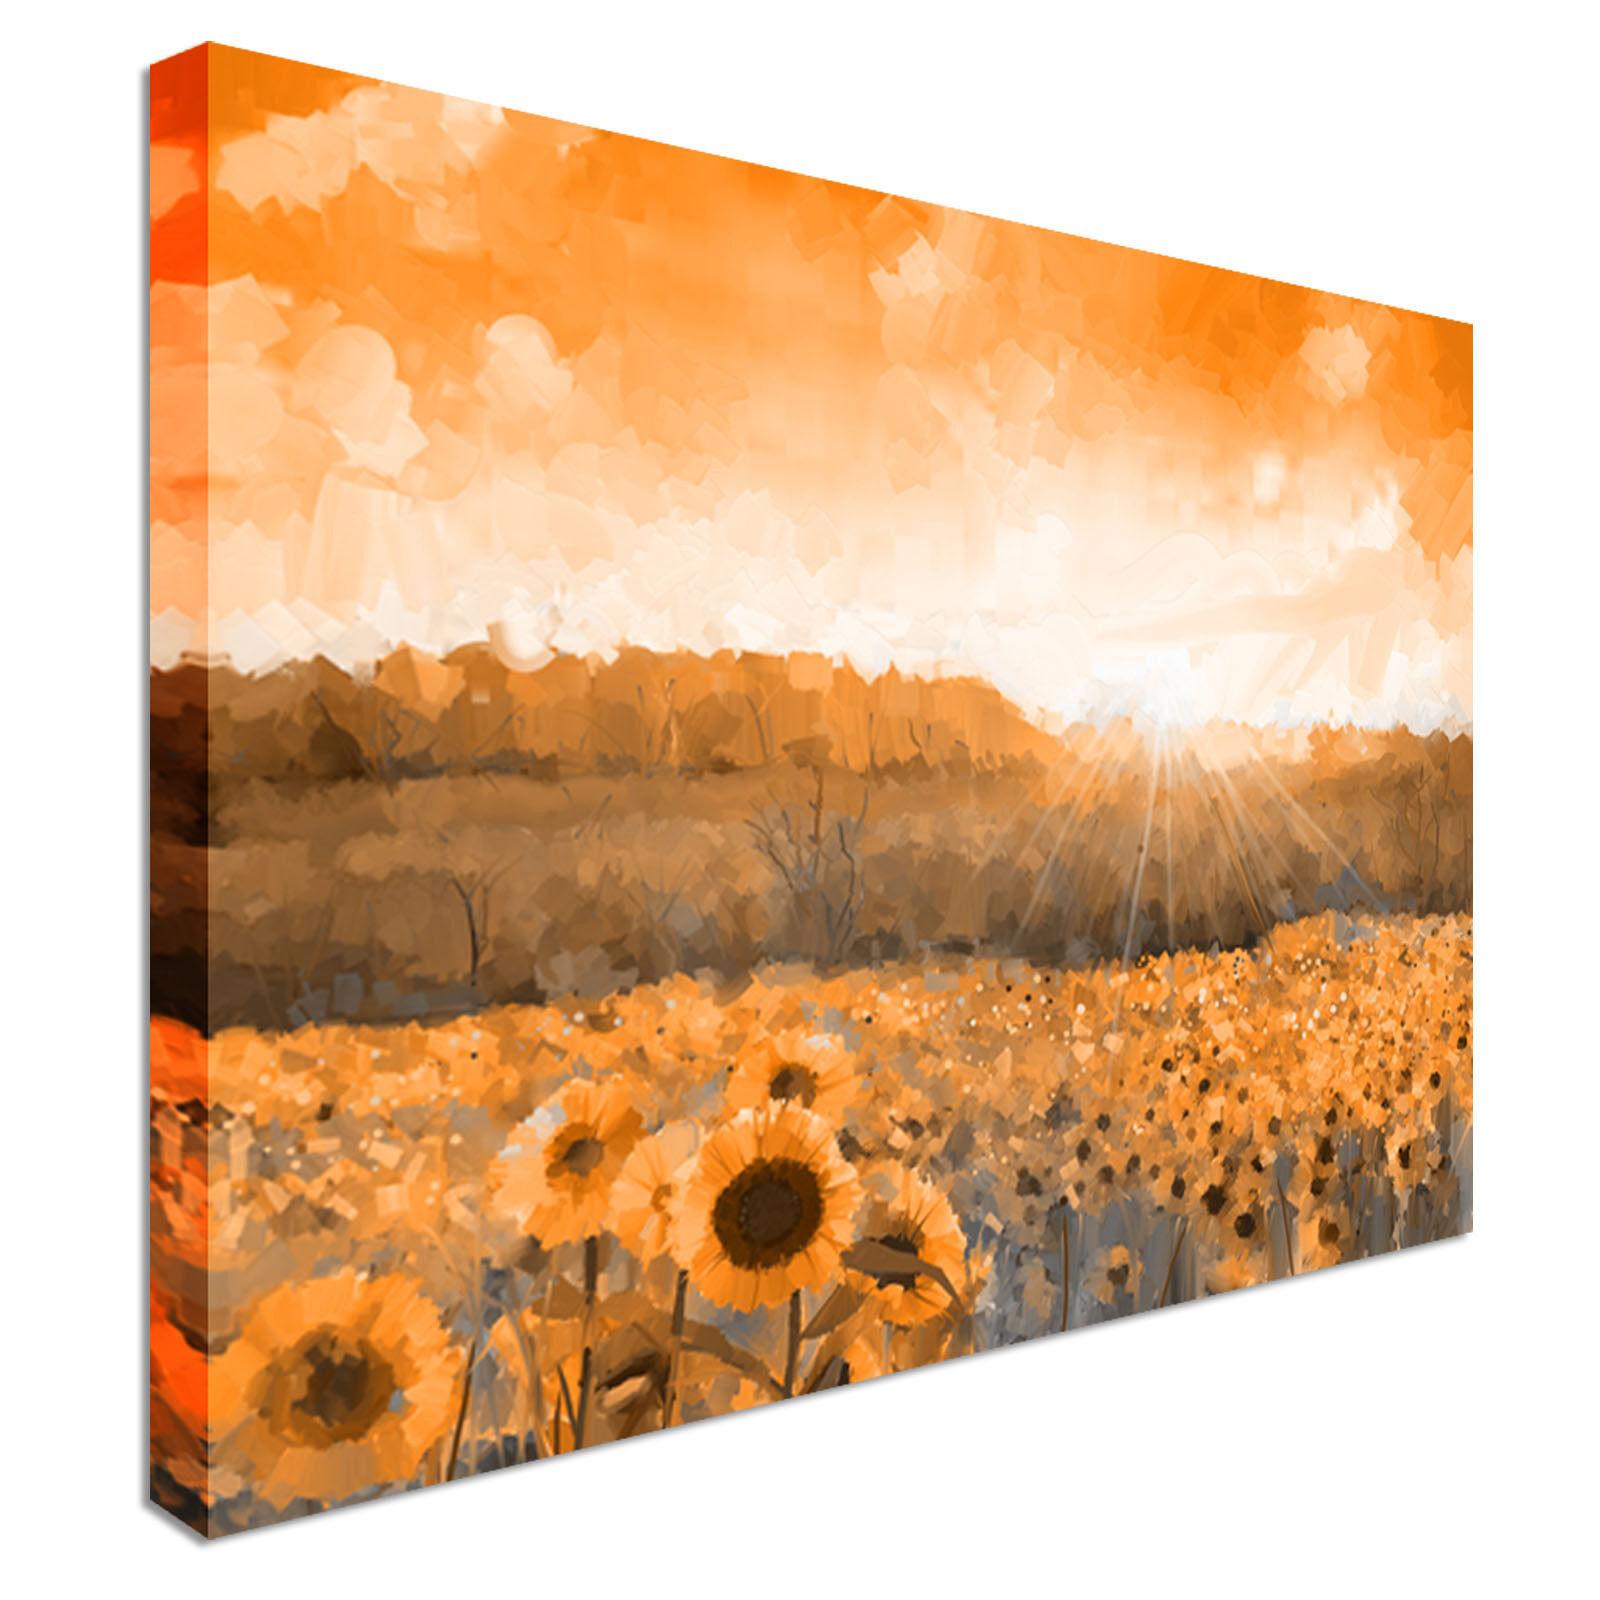 Puesta de sol Lona Parojo Arte Impresiones De Girasol Girasol Girasol Alta Calidad Gran Valor 7c0478